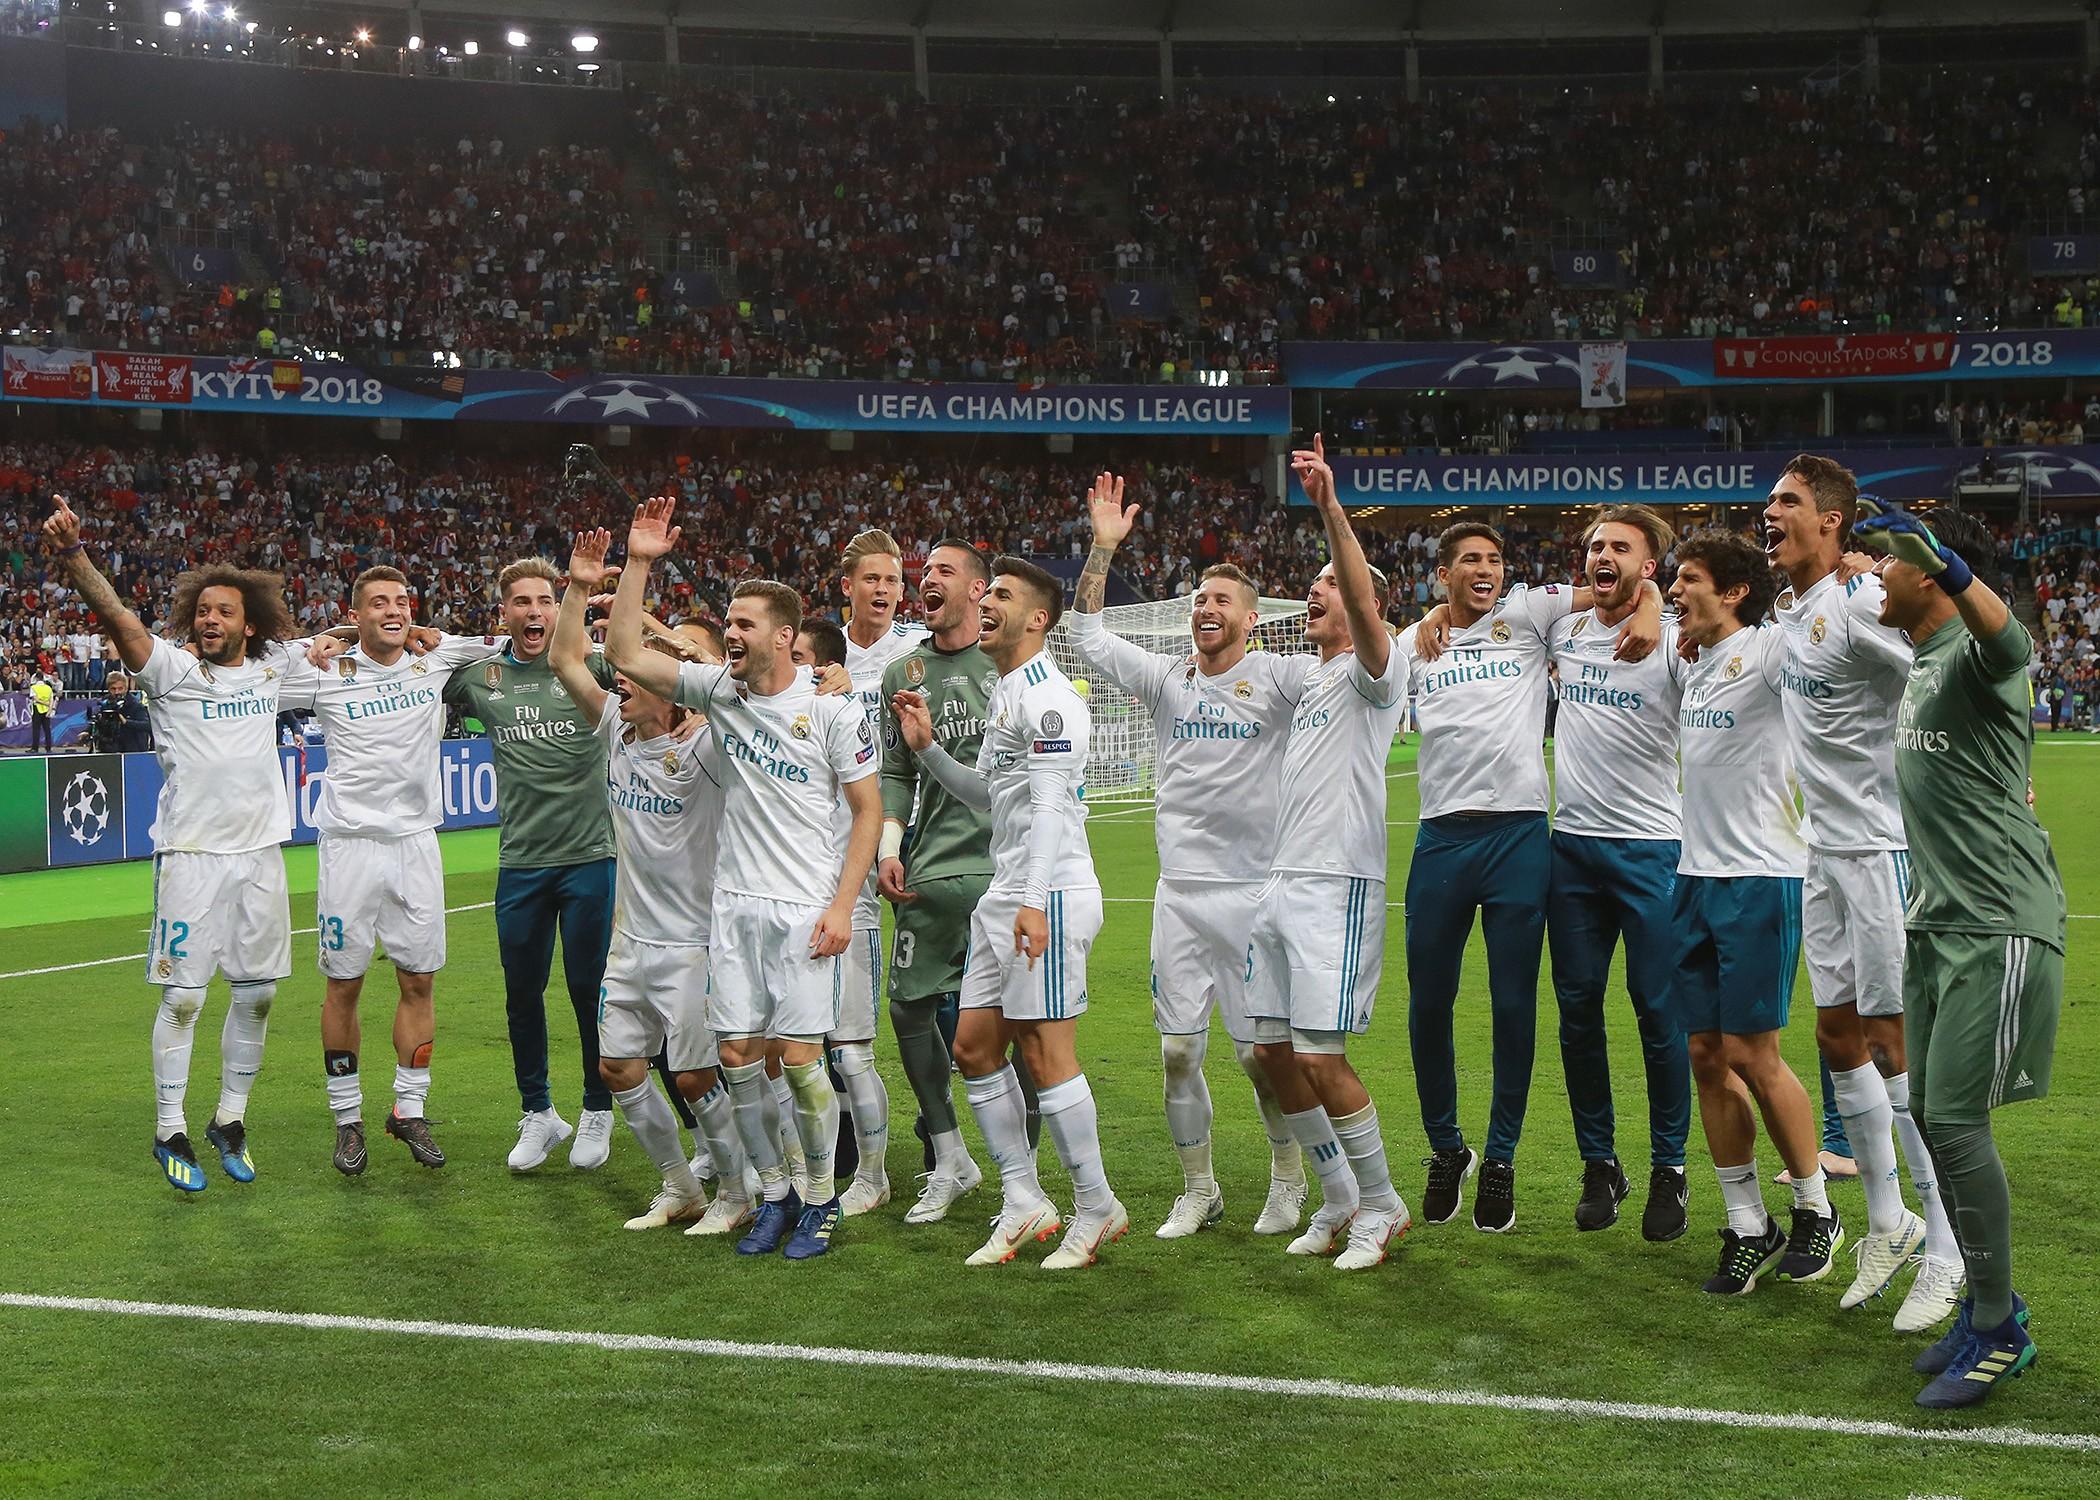 Короли среди разрухи. Реал умеет противостоять трудностям, благодаря этому в Испании он на вершине - изображение 2